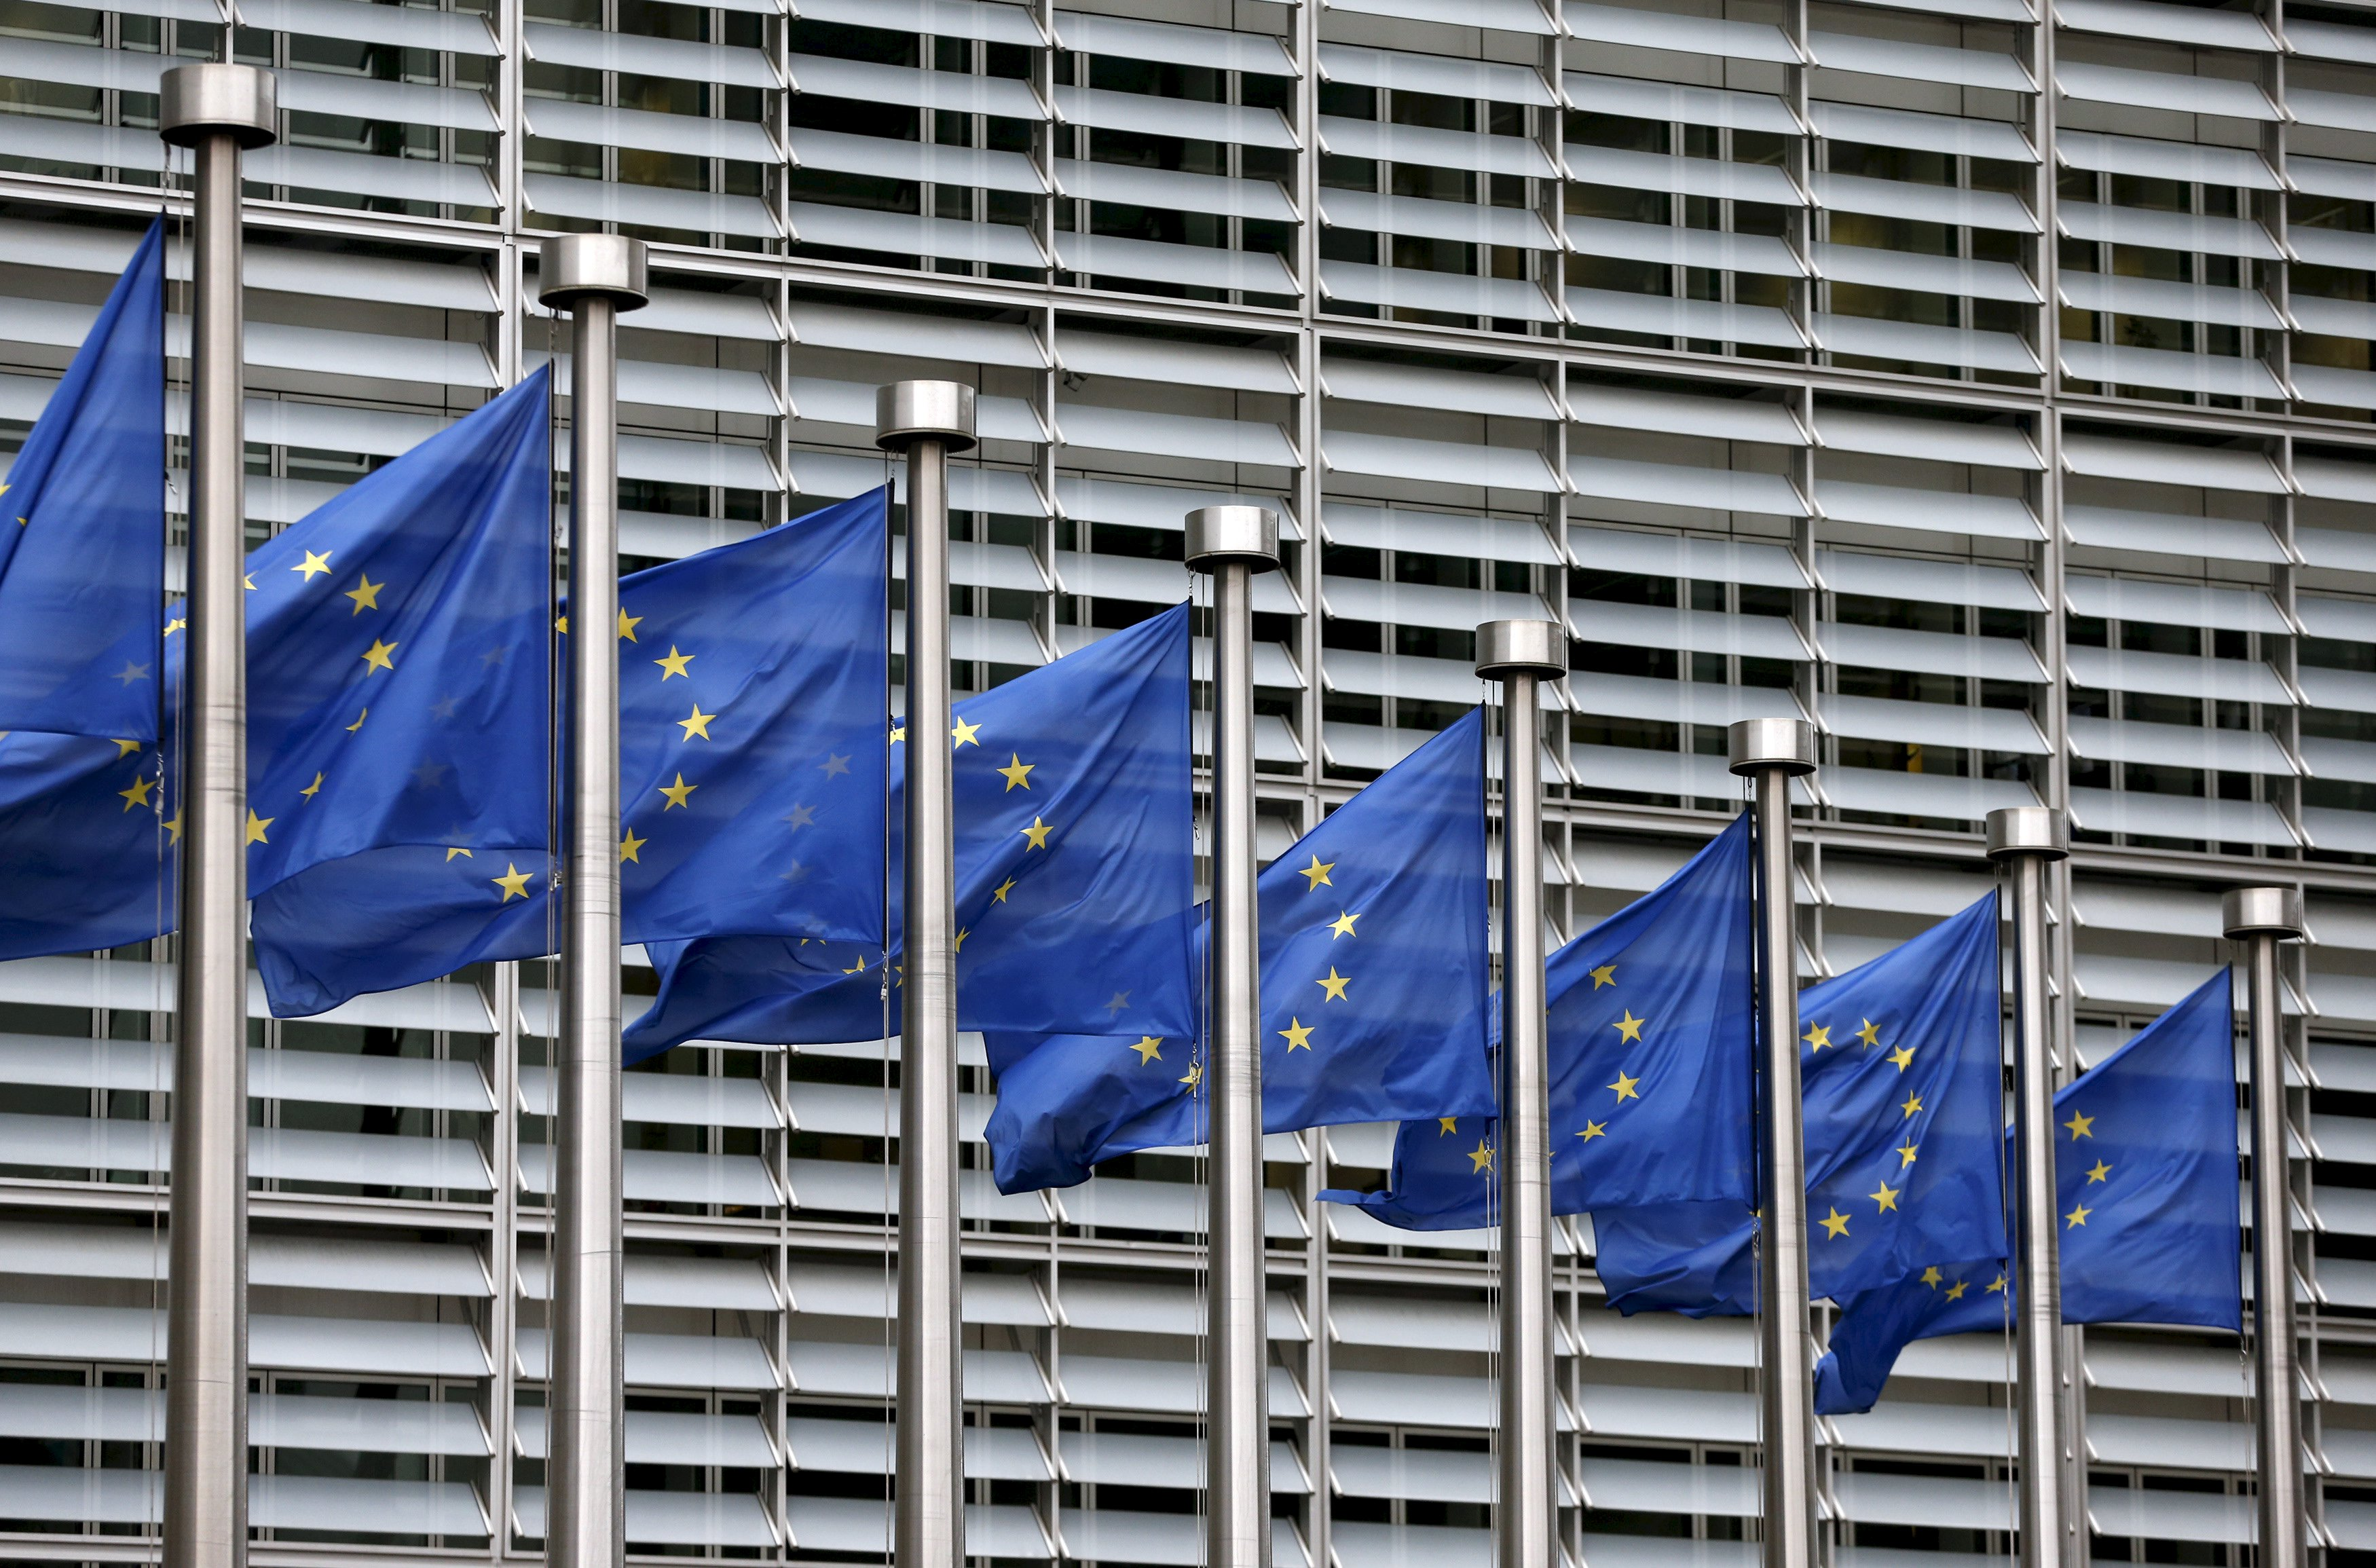 Ειδικό Δικαστήριο EE: Χωρίς έγκριση υπουργού οι ομαδικές απολύσεις στην Ελλάδα | tovima.gr